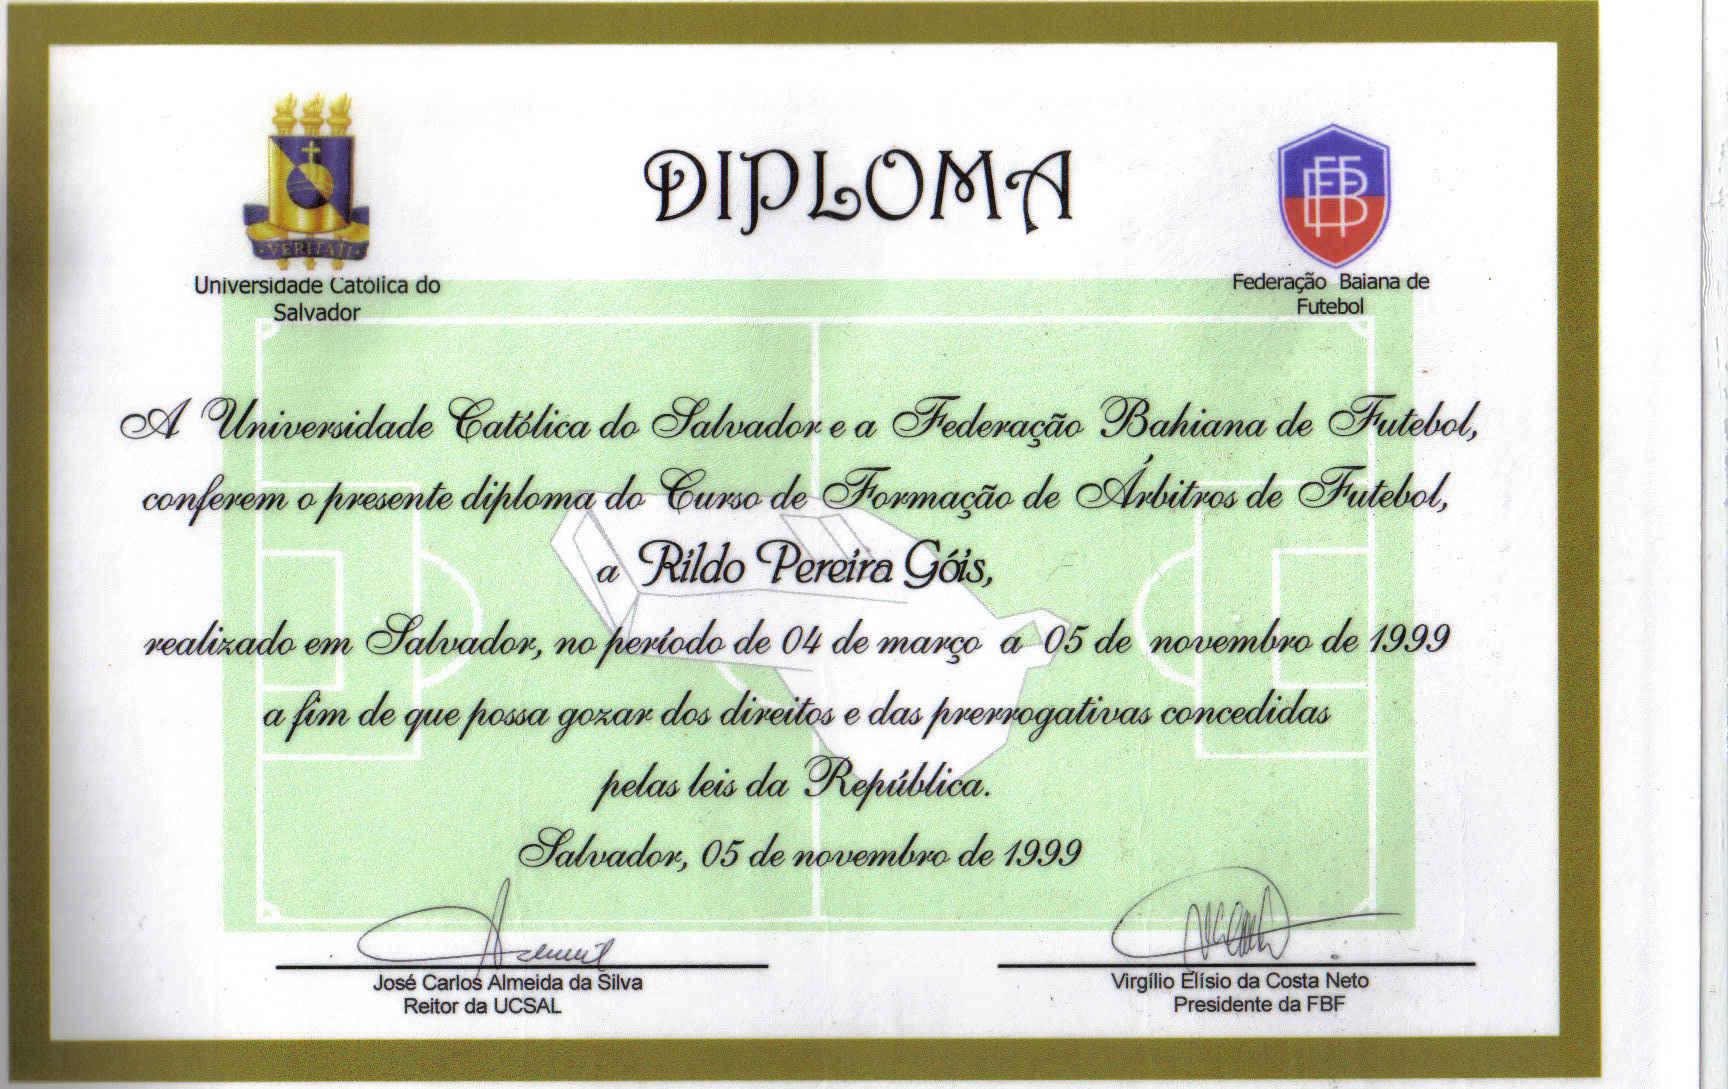 Diploma Rildo Gois